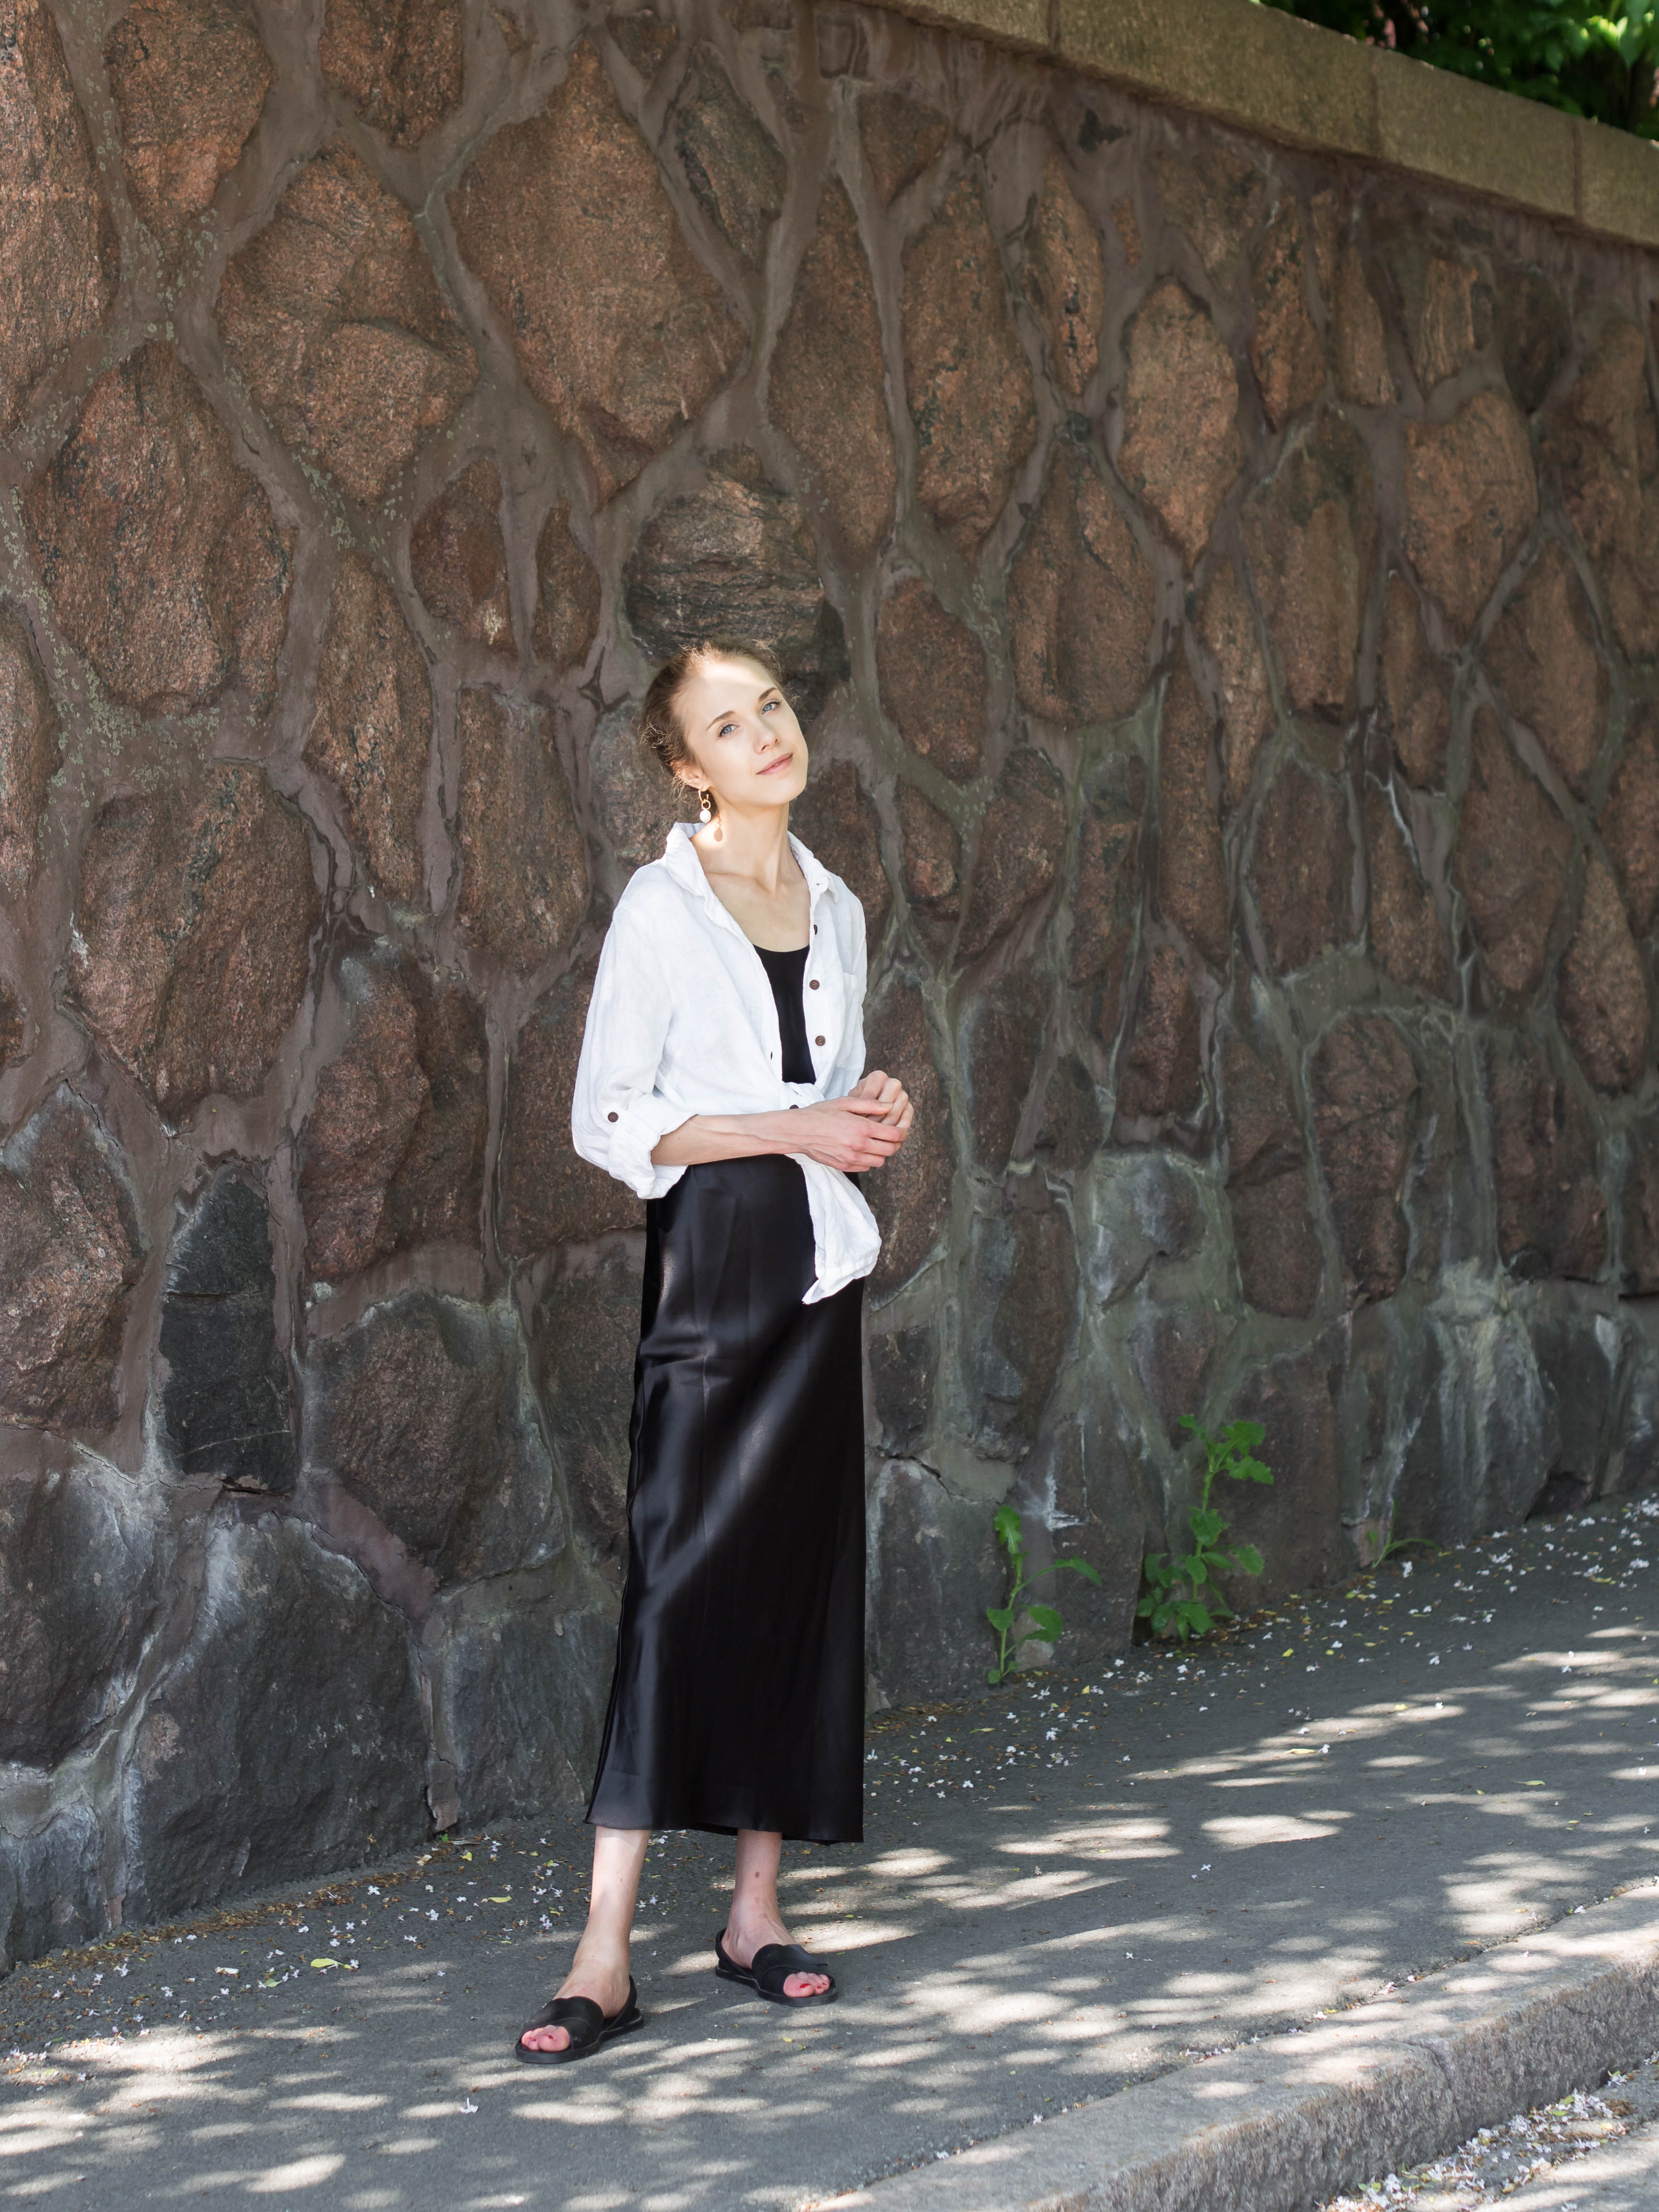 Fashion blogger chic summer outfit - Muotibloggaaja, kesämuoti